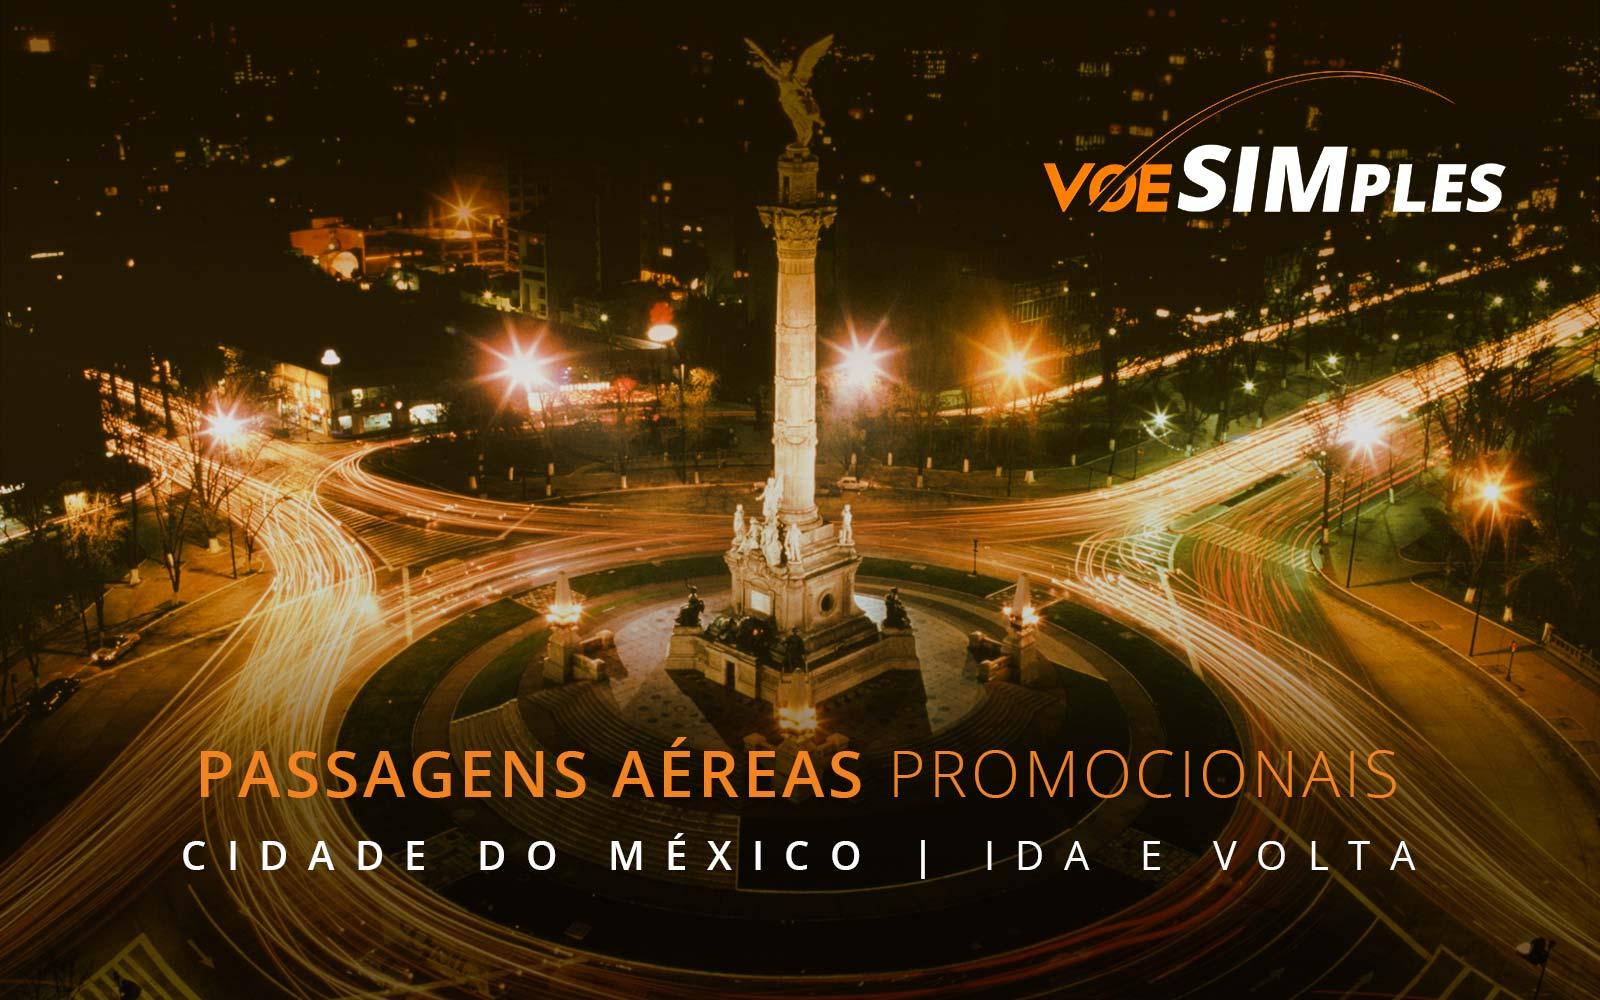 Promoção de passagens aéreas para a Cidade do México